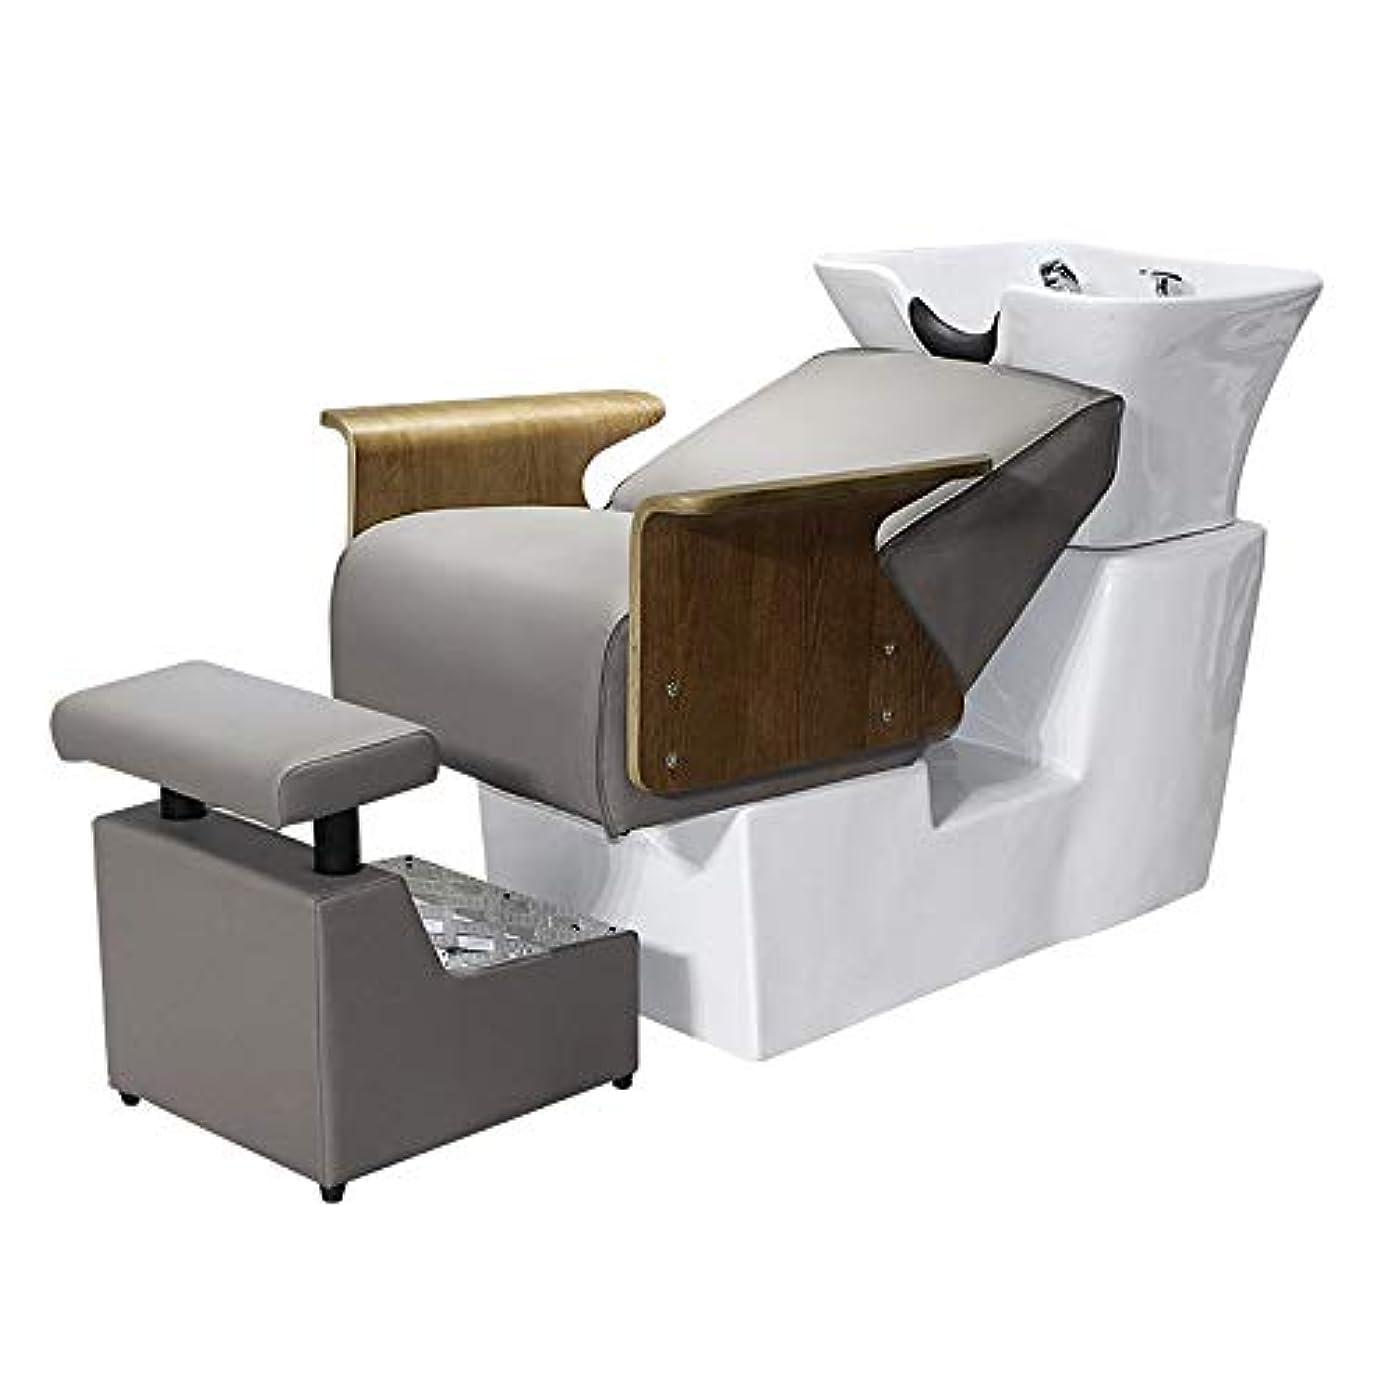 落ちた電気の落胆したシャンプーの椅子、陶磁器の洗面器のシャンプーのベッドの逆洗の単位の鉱泉の美容院装置のためのシャンプーボールの理髪の流しの椅子